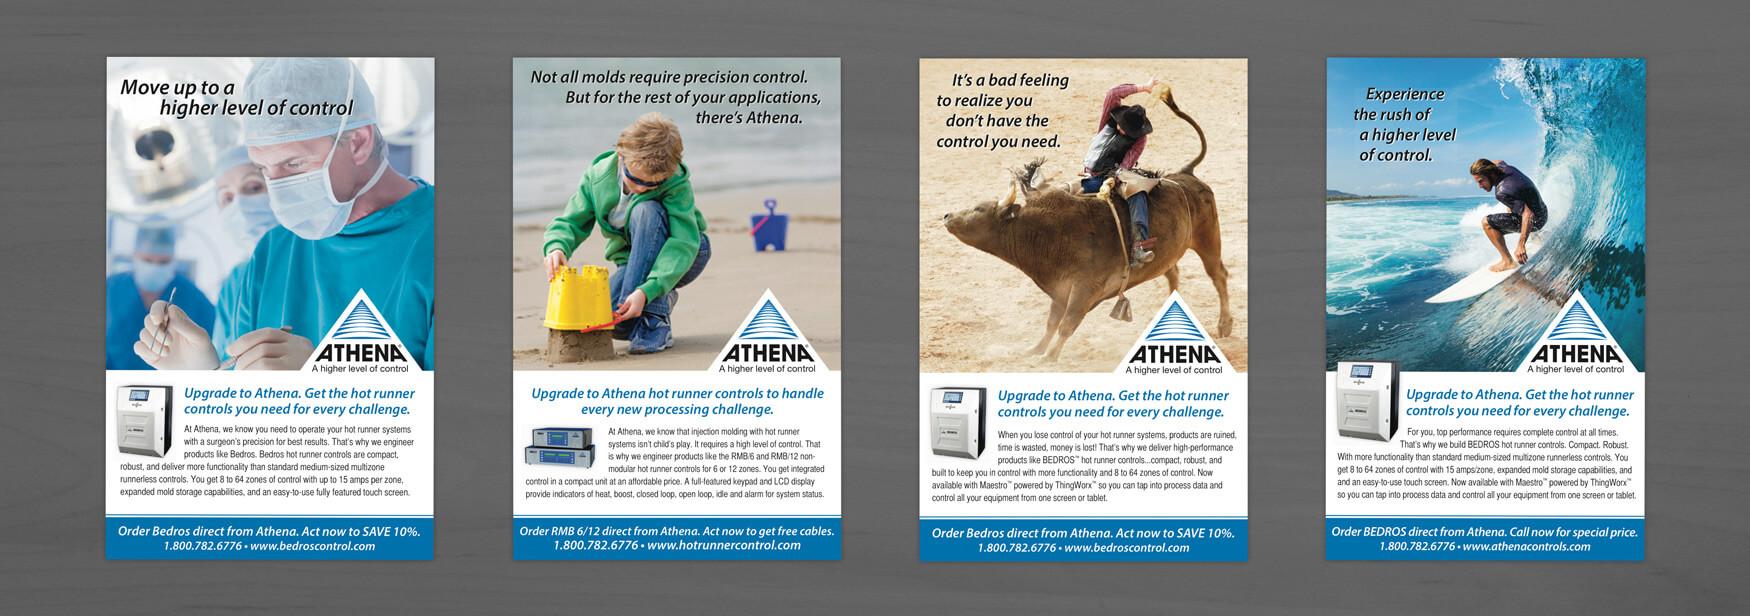 Athena Print Ads